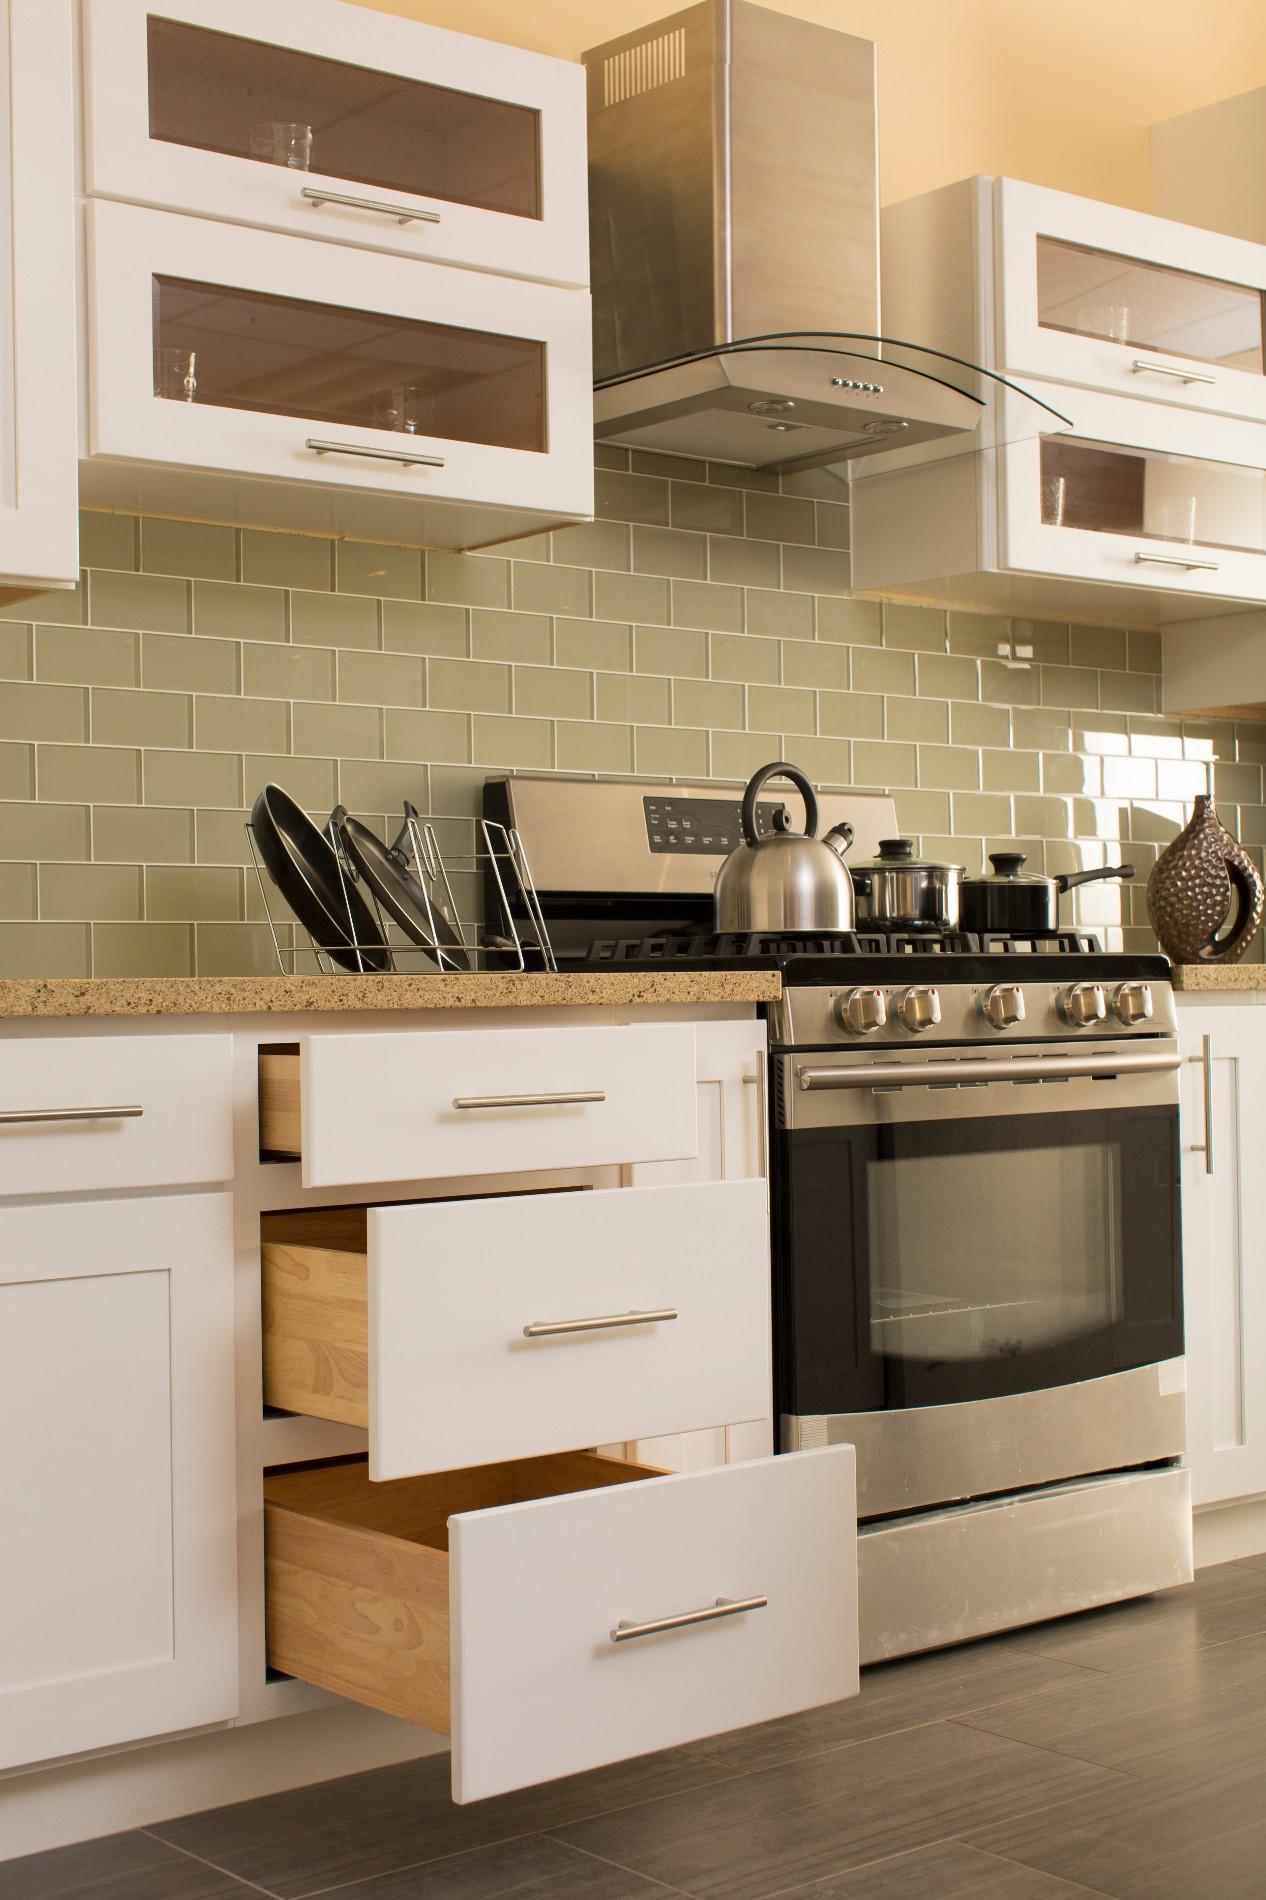 Kaufen Weißer Shaker Massivholz Küchenschrank;Weißer Shaker Massivholz Küchenschrank Preis;Weißer Shaker Massivholz Küchenschrank Marken;Weißer Shaker Massivholz Küchenschrank Hersteller;Weißer Shaker Massivholz Küchenschrank Zitat;Weißer Shaker Massivholz Küchenschrank Unternehmen